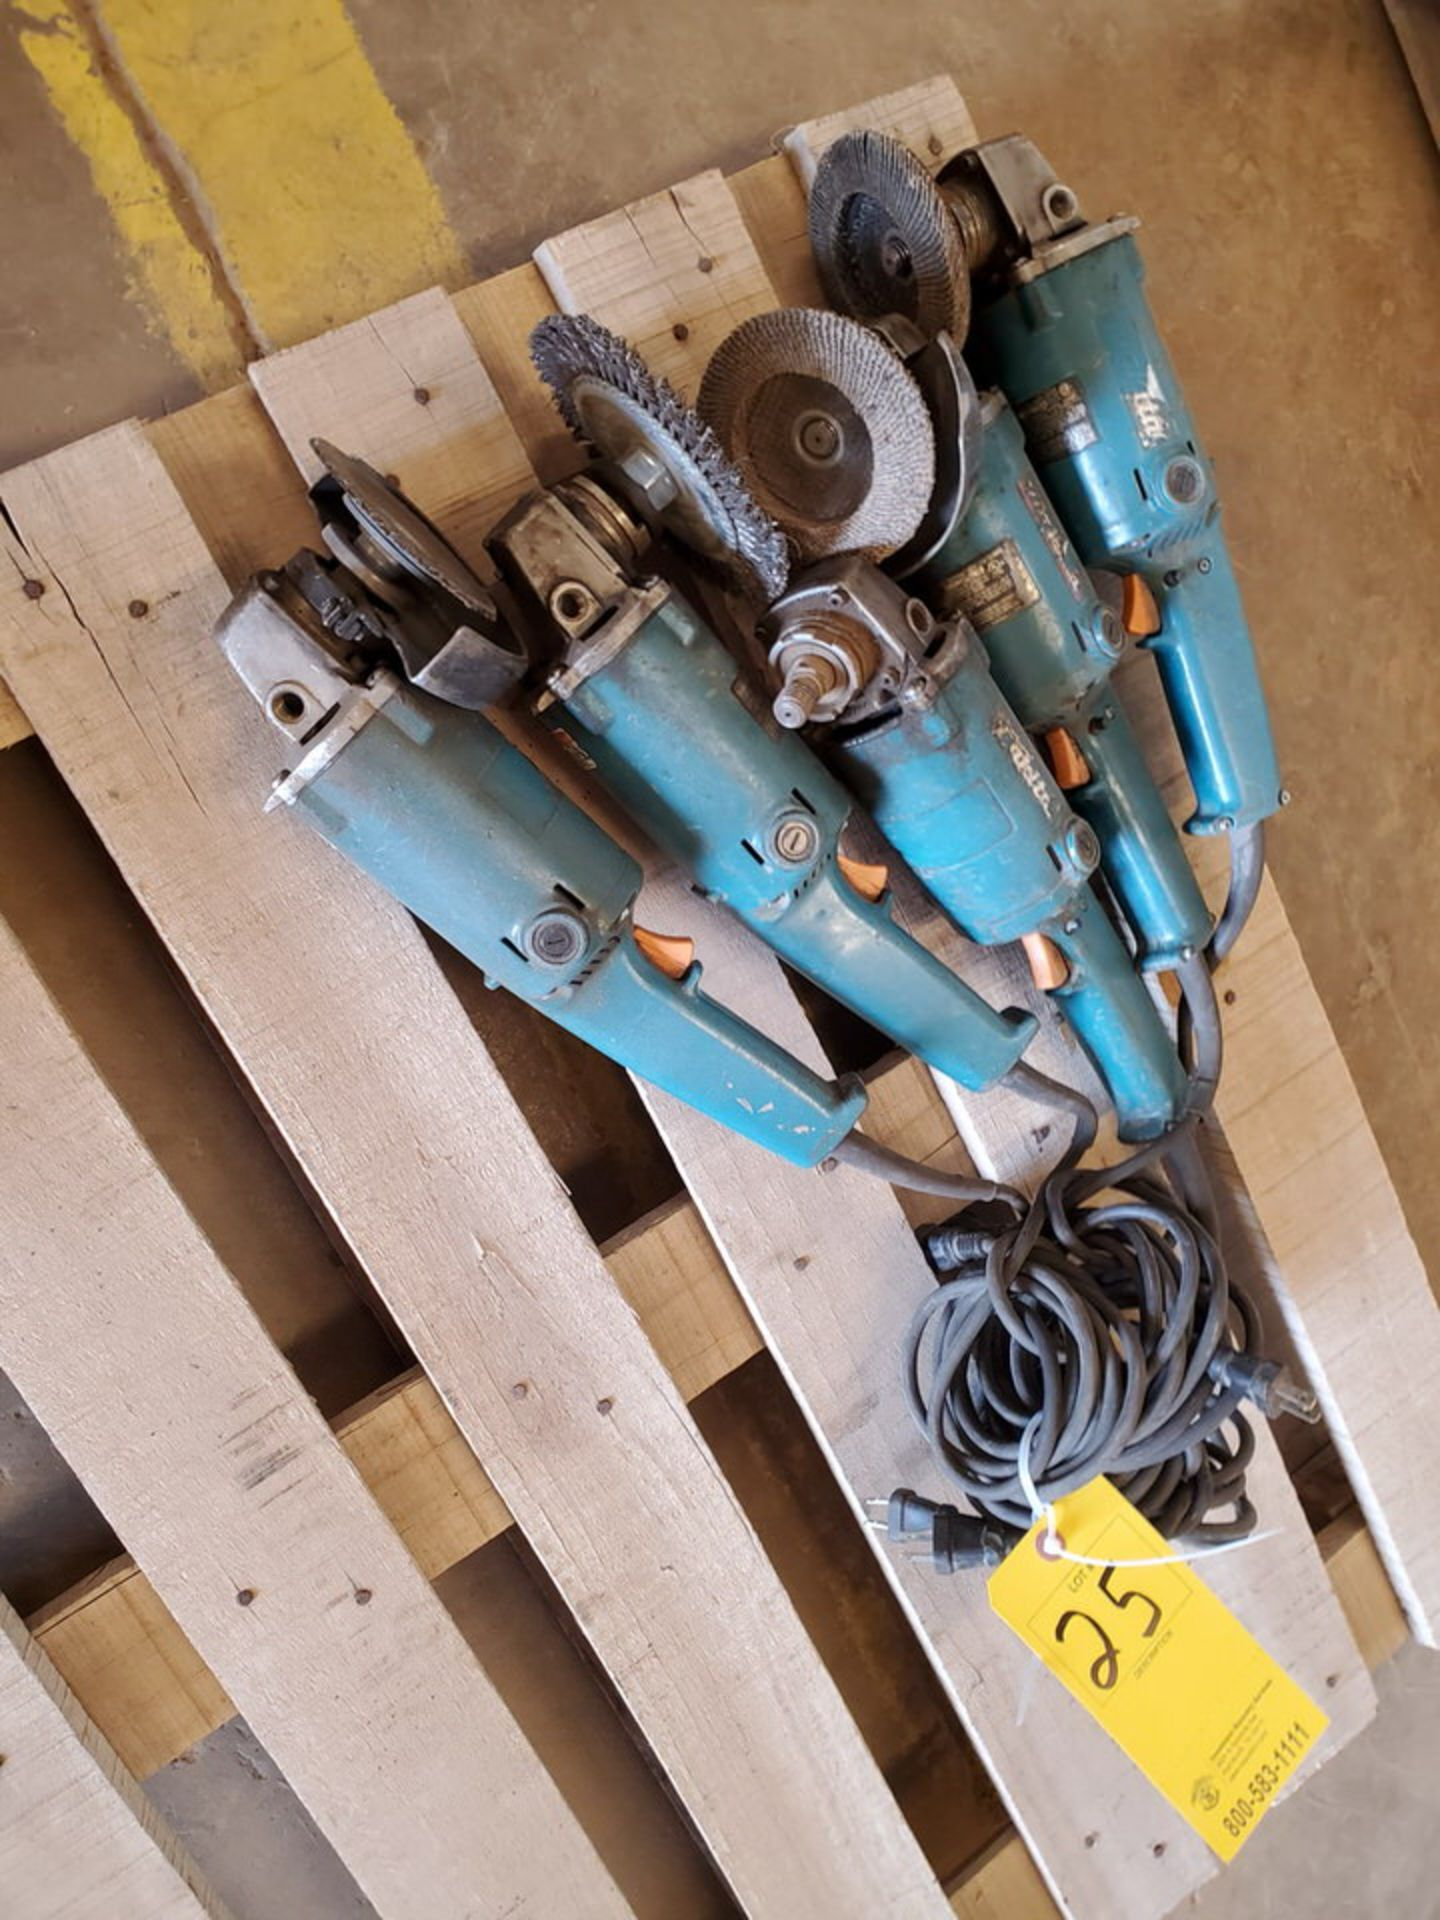 """Makita (5) 5"""" Angle Grinders 120V, 10A - Image 2 of 5"""